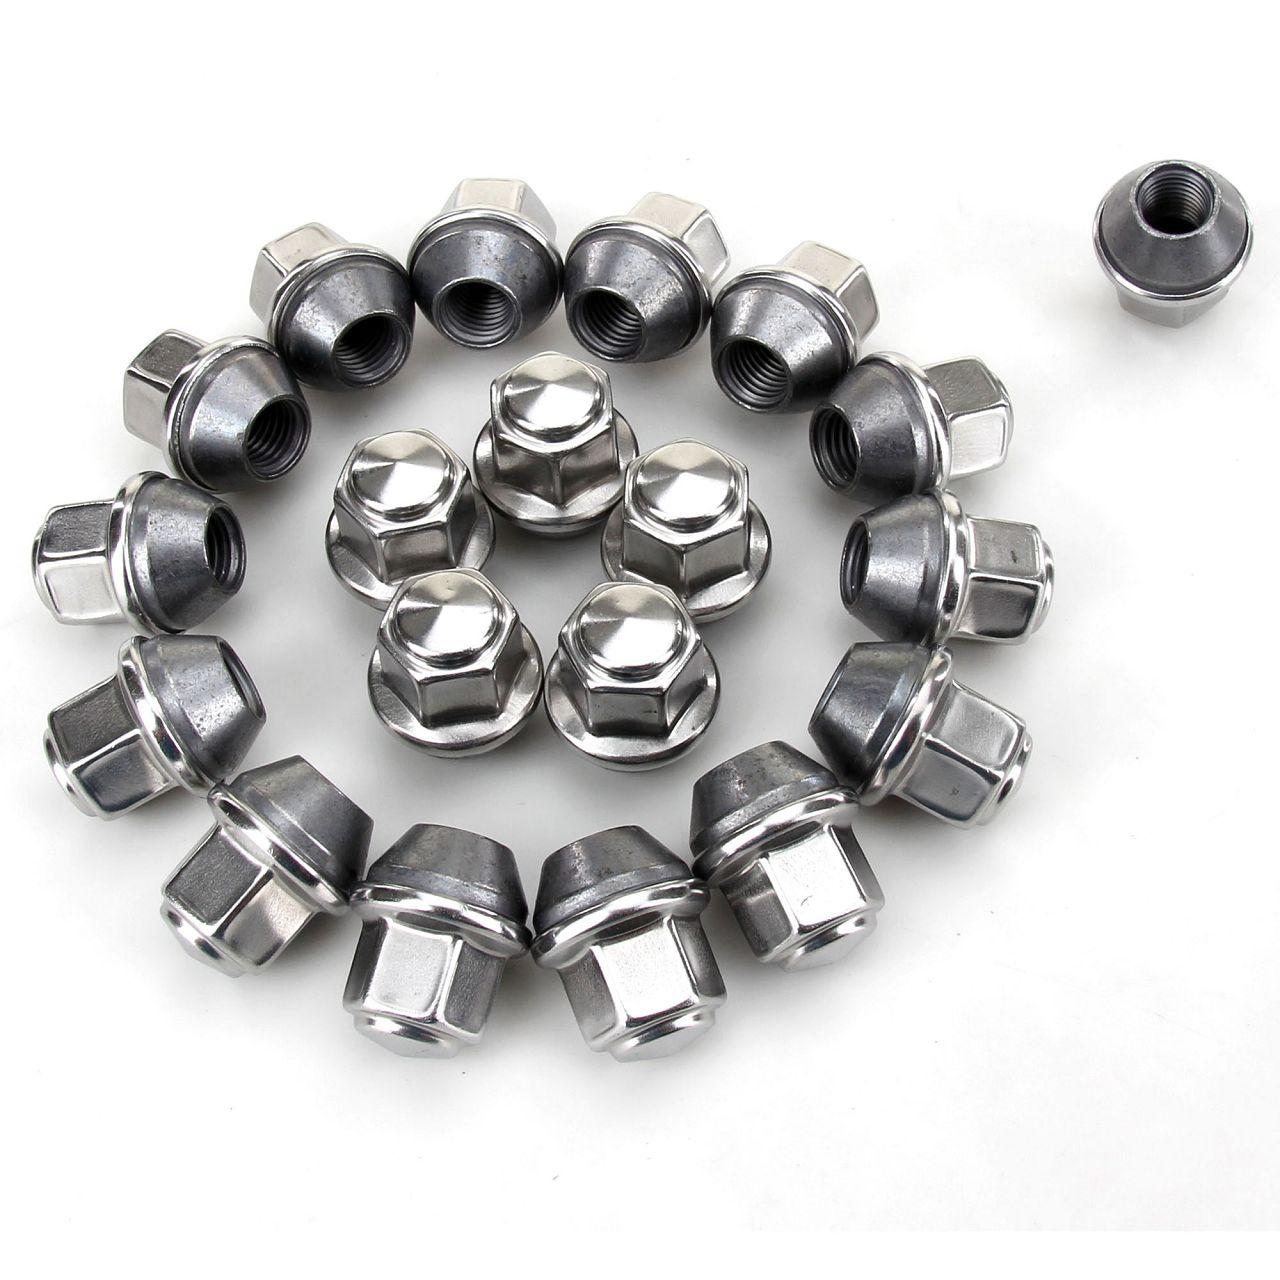 20x Radmuttern M12x1,5mm für FORD B-MAX C-MAX FIESTA FOCUS MONDEO 5114407